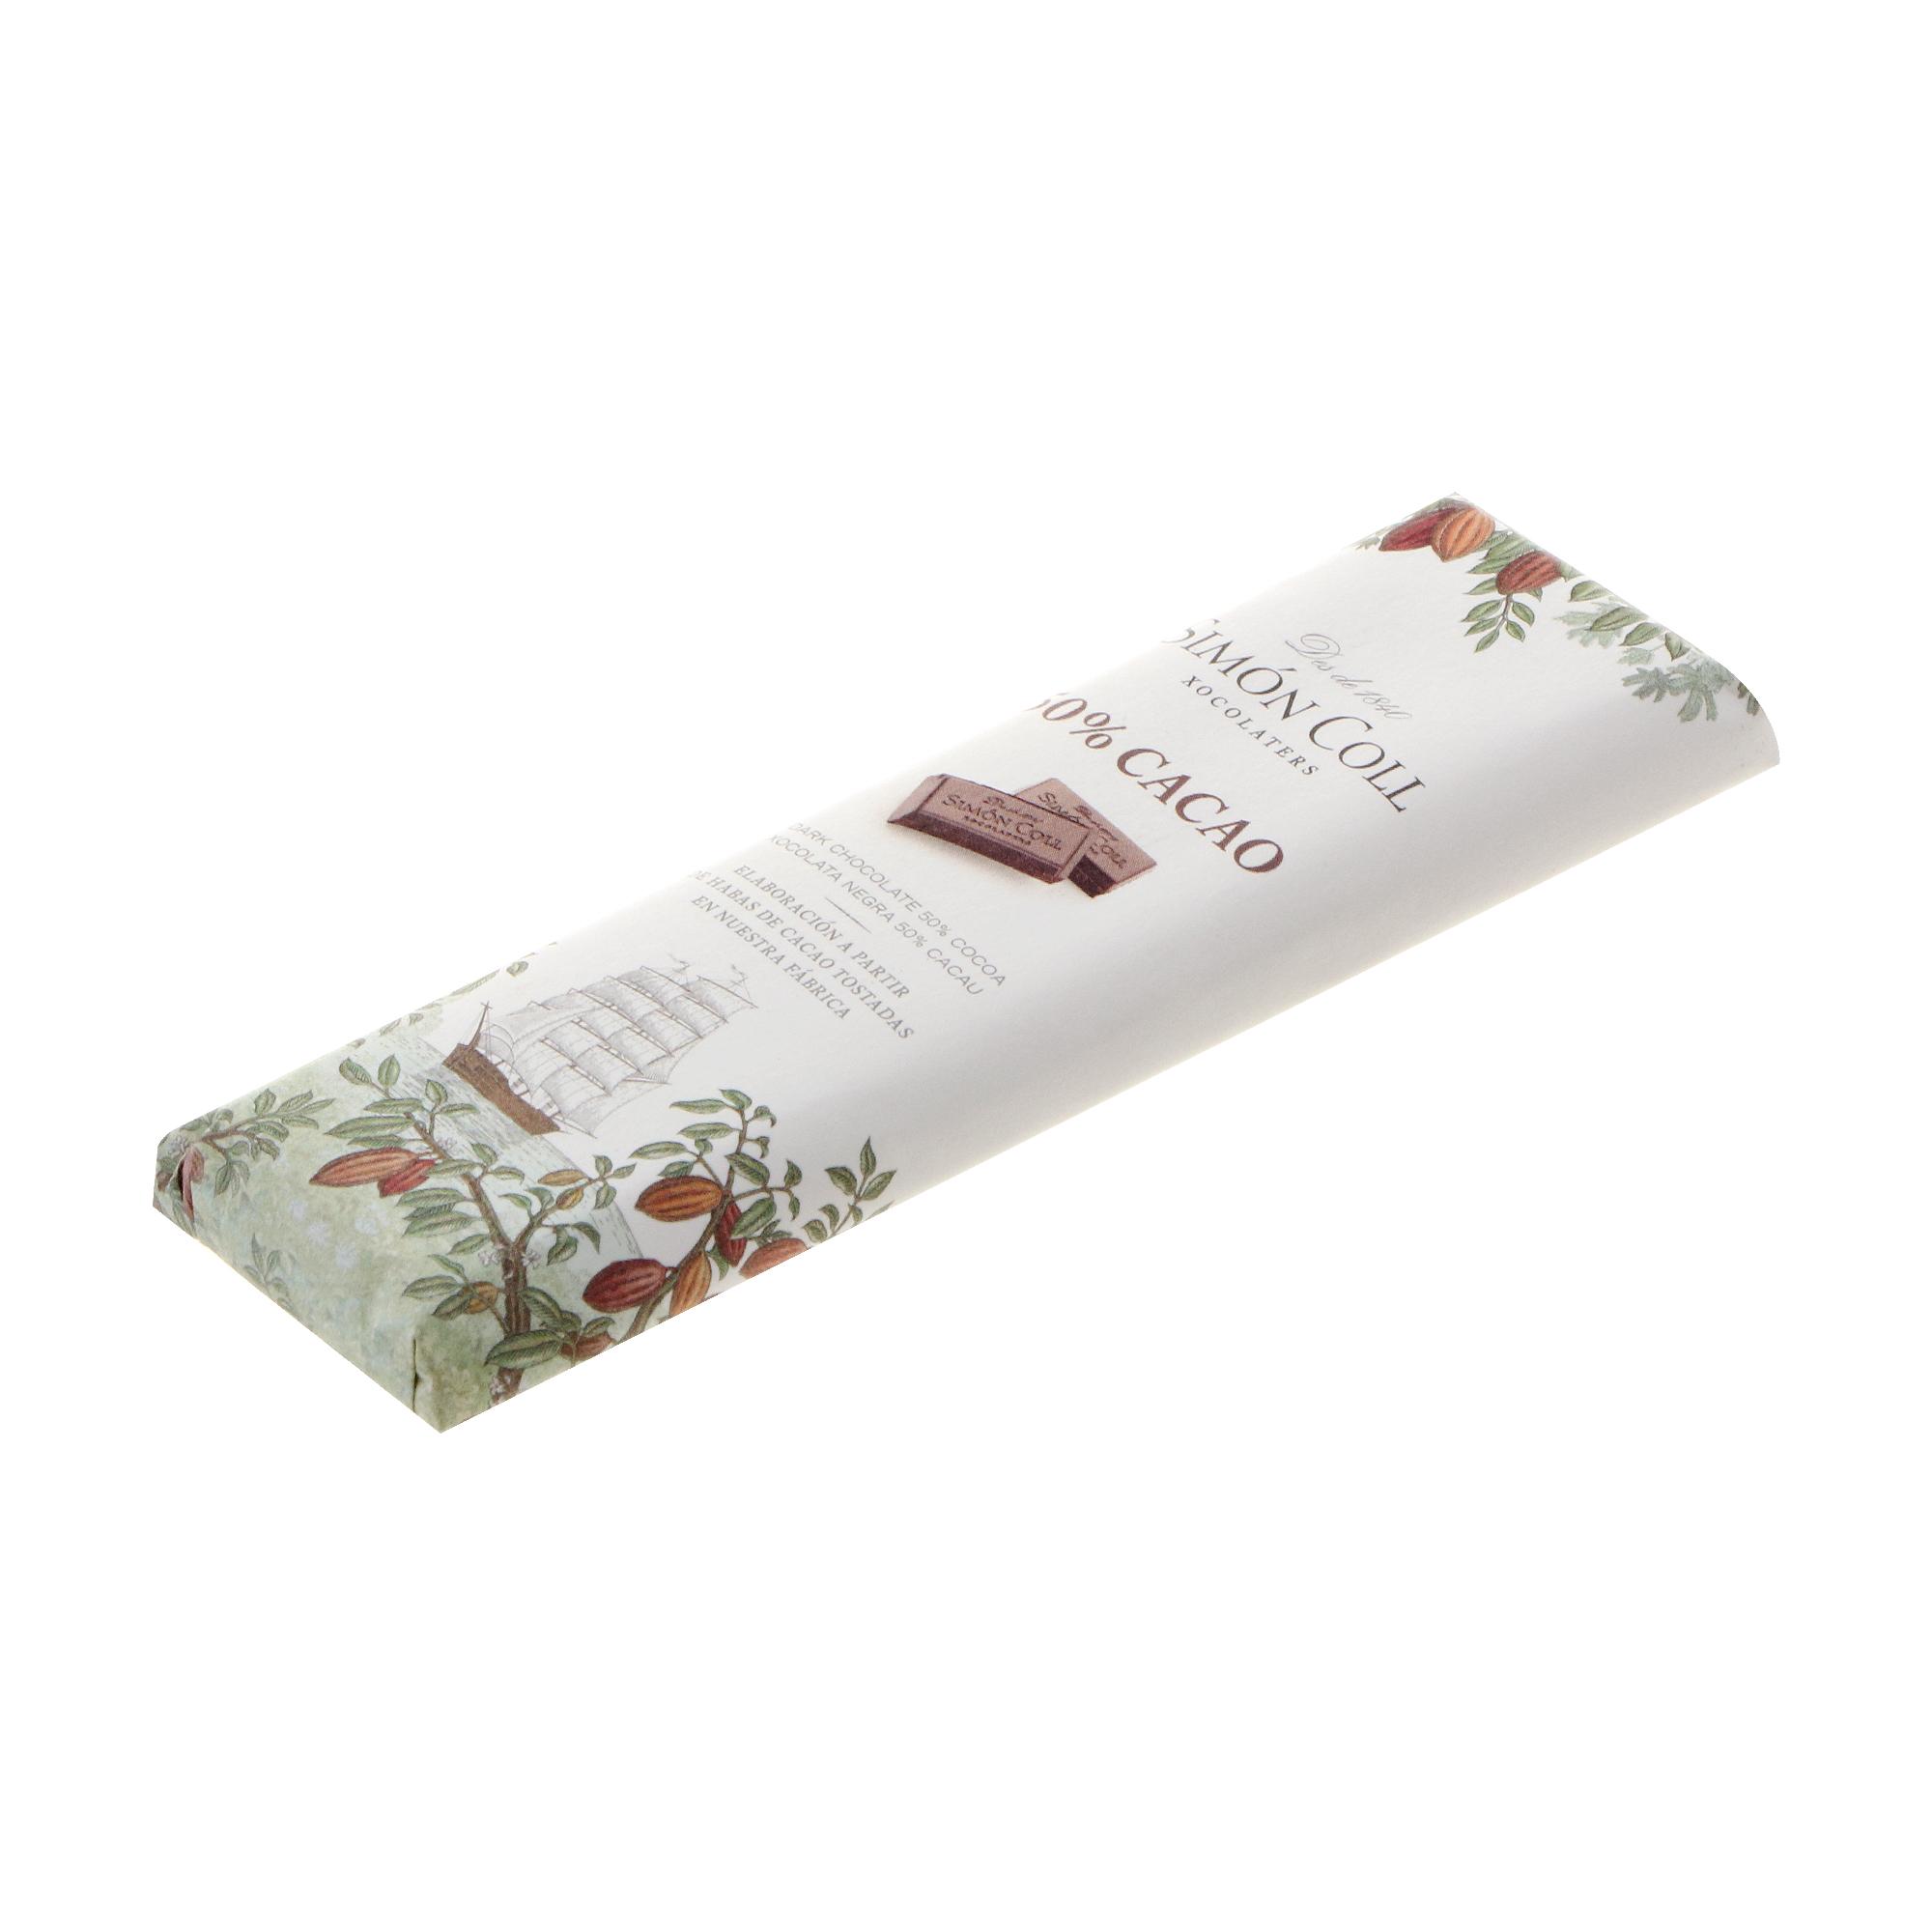 Шоколад Simon Coll 50% 25 г